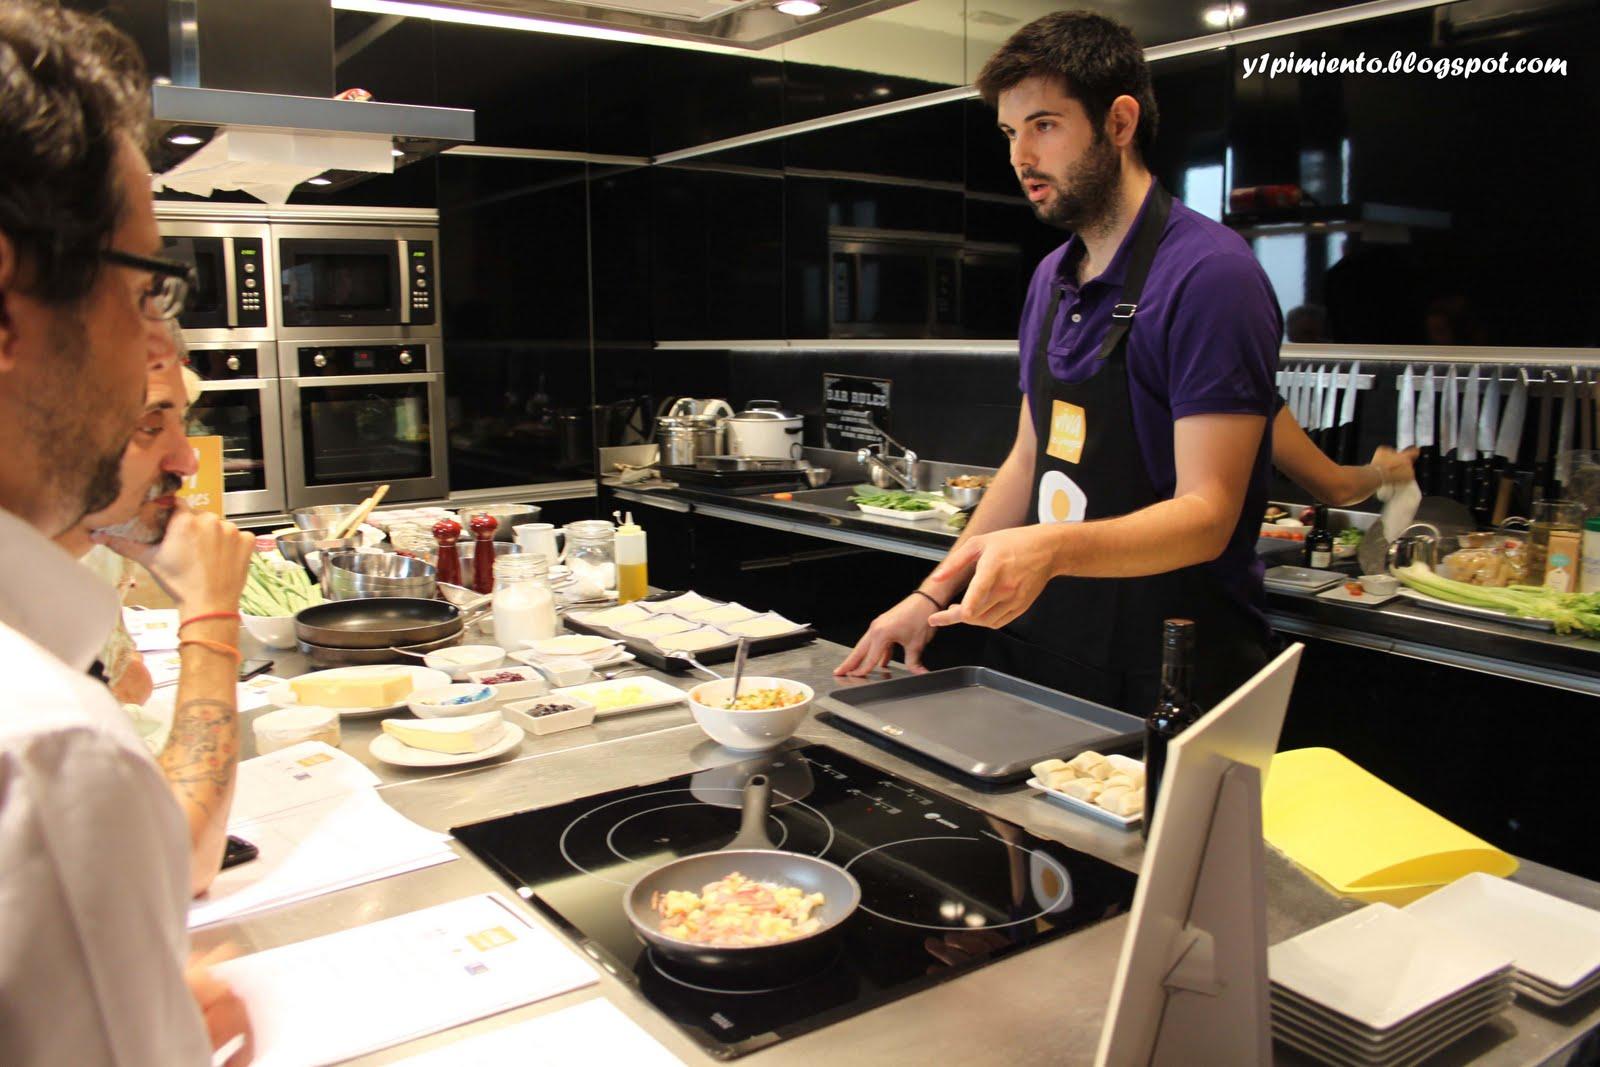 Y un pimiento final concurso champion cheese canal cocina for Canal cocina concursos